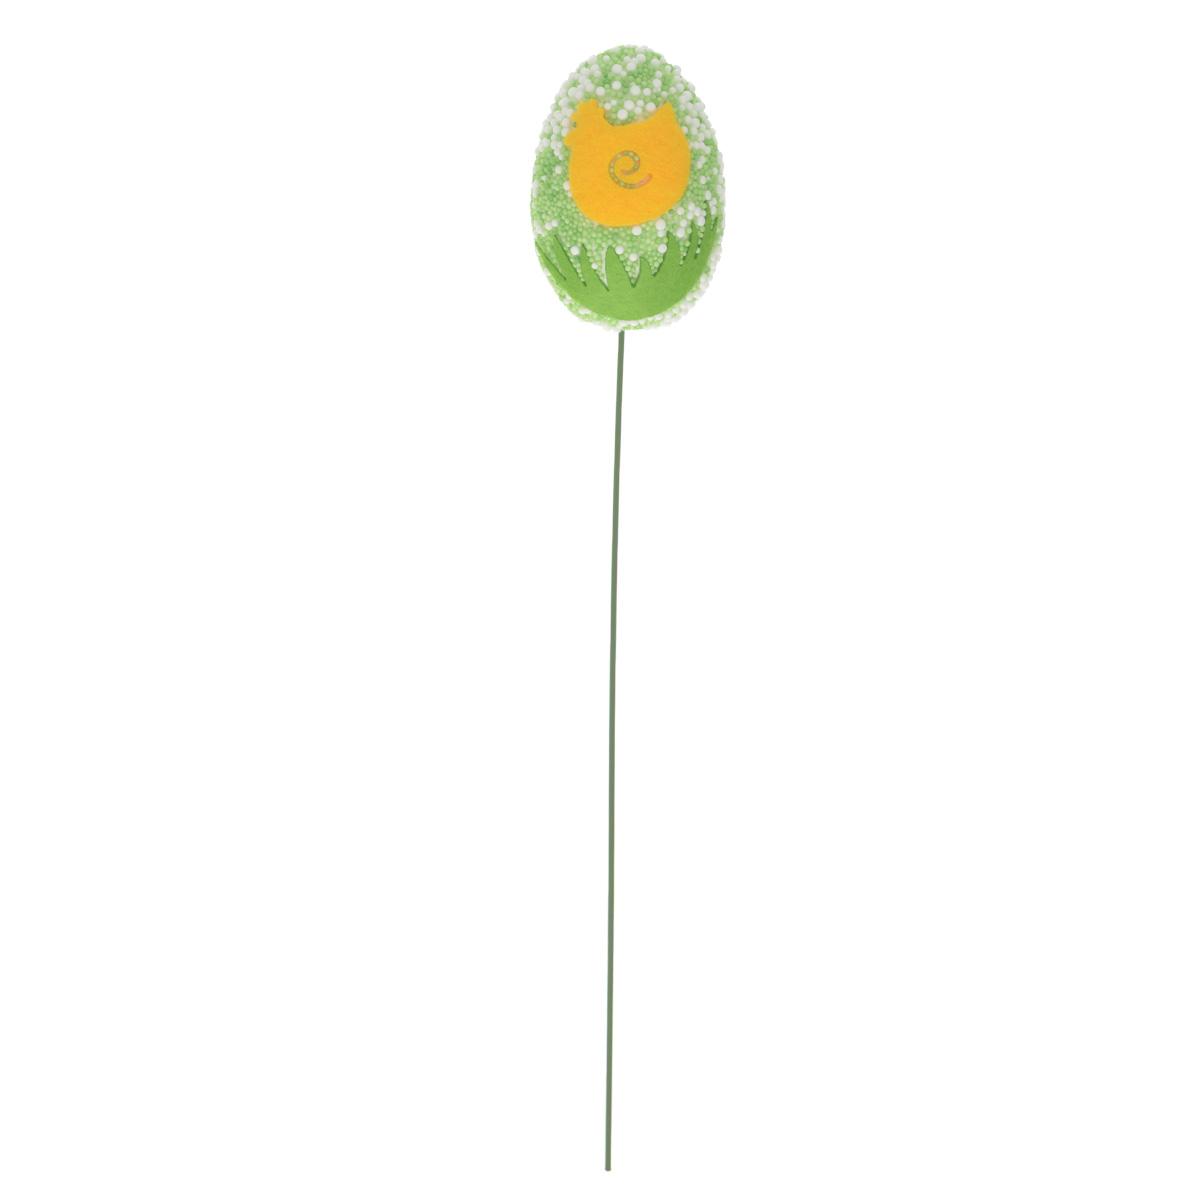 Декоративное пасхальное украшение на ножке Home Queen Яркость, цвет: зеленый, высота 24 смC0038550Украшение пасхальное Home Queen Яркость изготовлено из высококачественного пенопласта и предназначено для украшения праздничного стола. Украшение выполнено в виде яйца на металлической шпажке и украшено рисунком в виде курочки. Такое украшение прекрасно дополнит подарок для друзей и близких на Пасху. Высота: 24 см. Размер фигурки: 4 см х 4 см х 5,7 см.